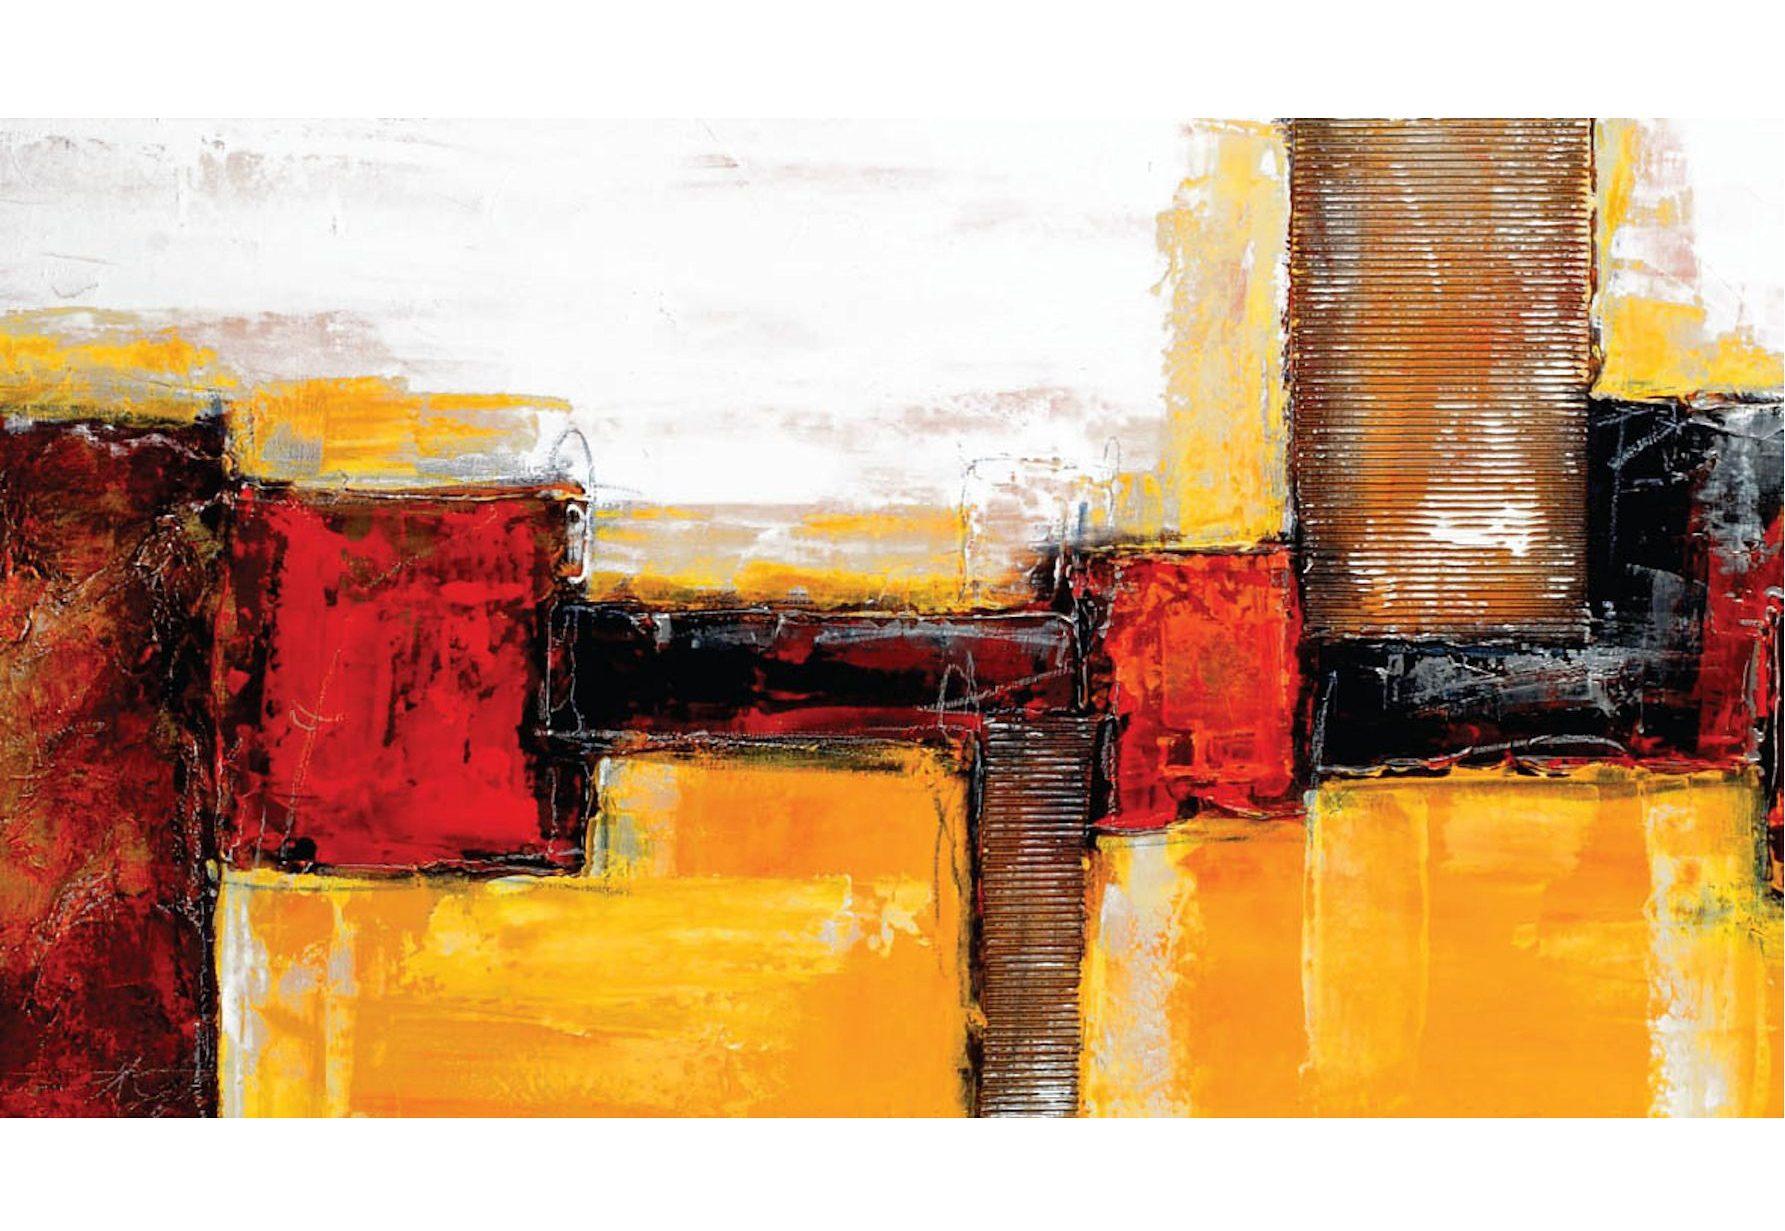 Home affaire Wandbild, Größe 110x60 cm, »Abstract«